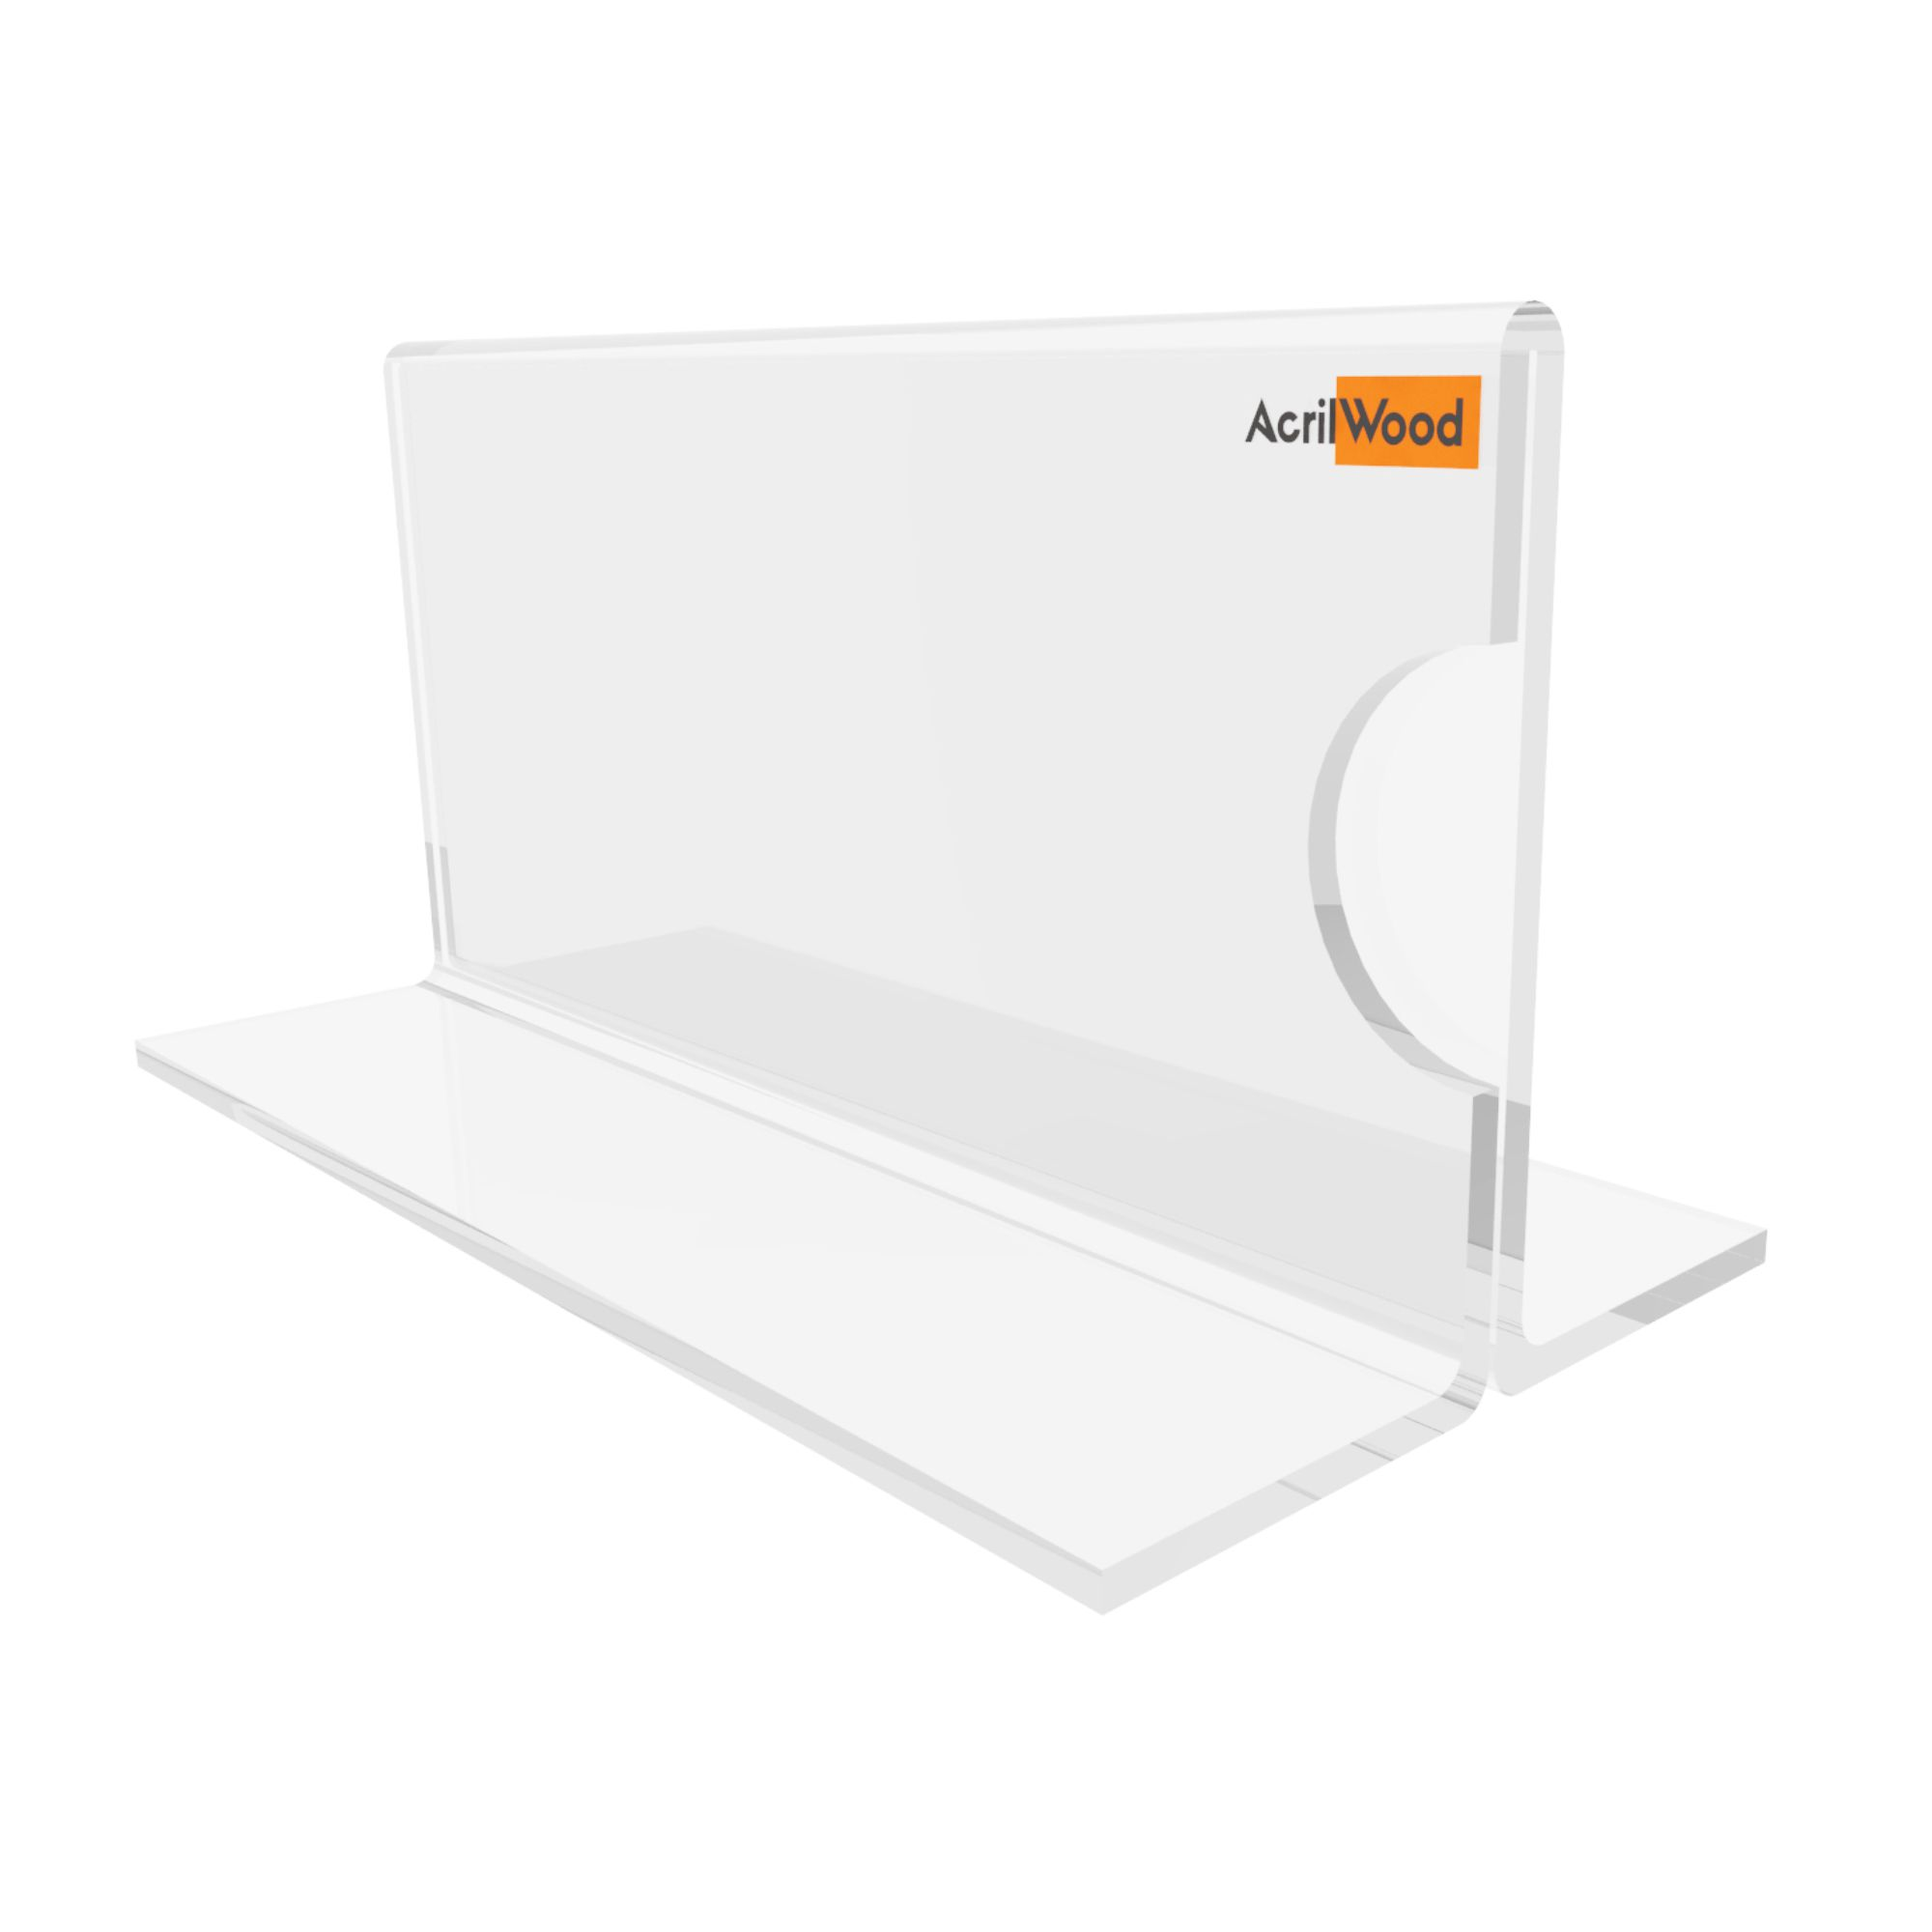 Display Precificador Em Acrílico Em T - 10x5cm